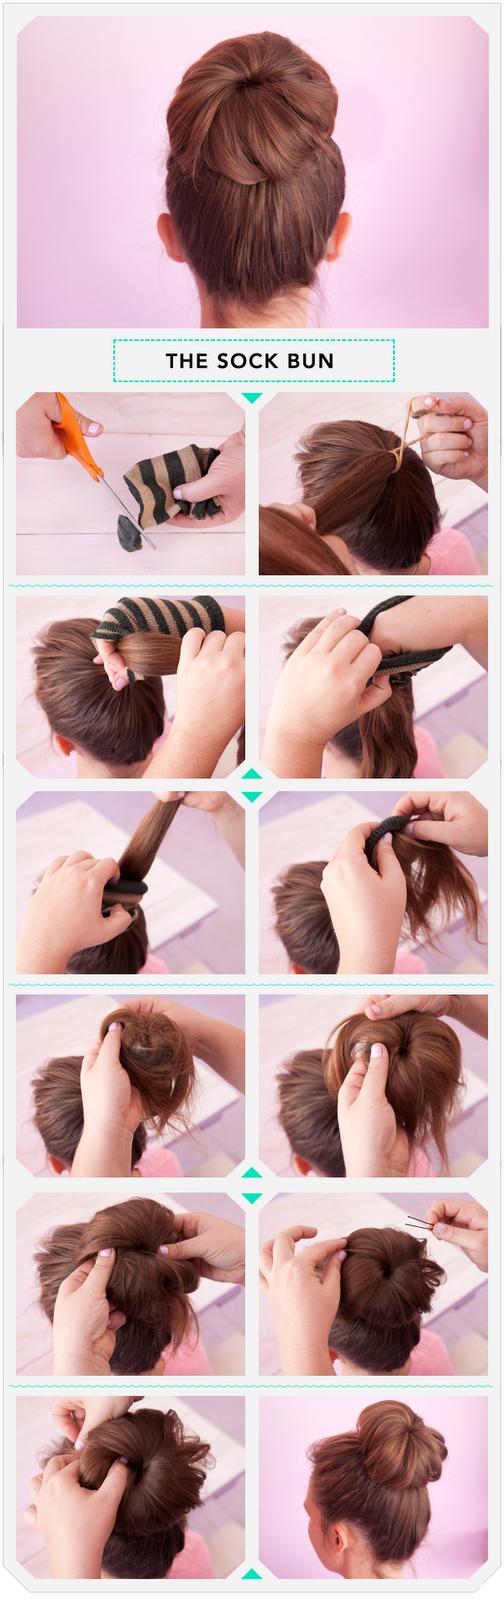 Как сделать пучок самой себе с бубликом